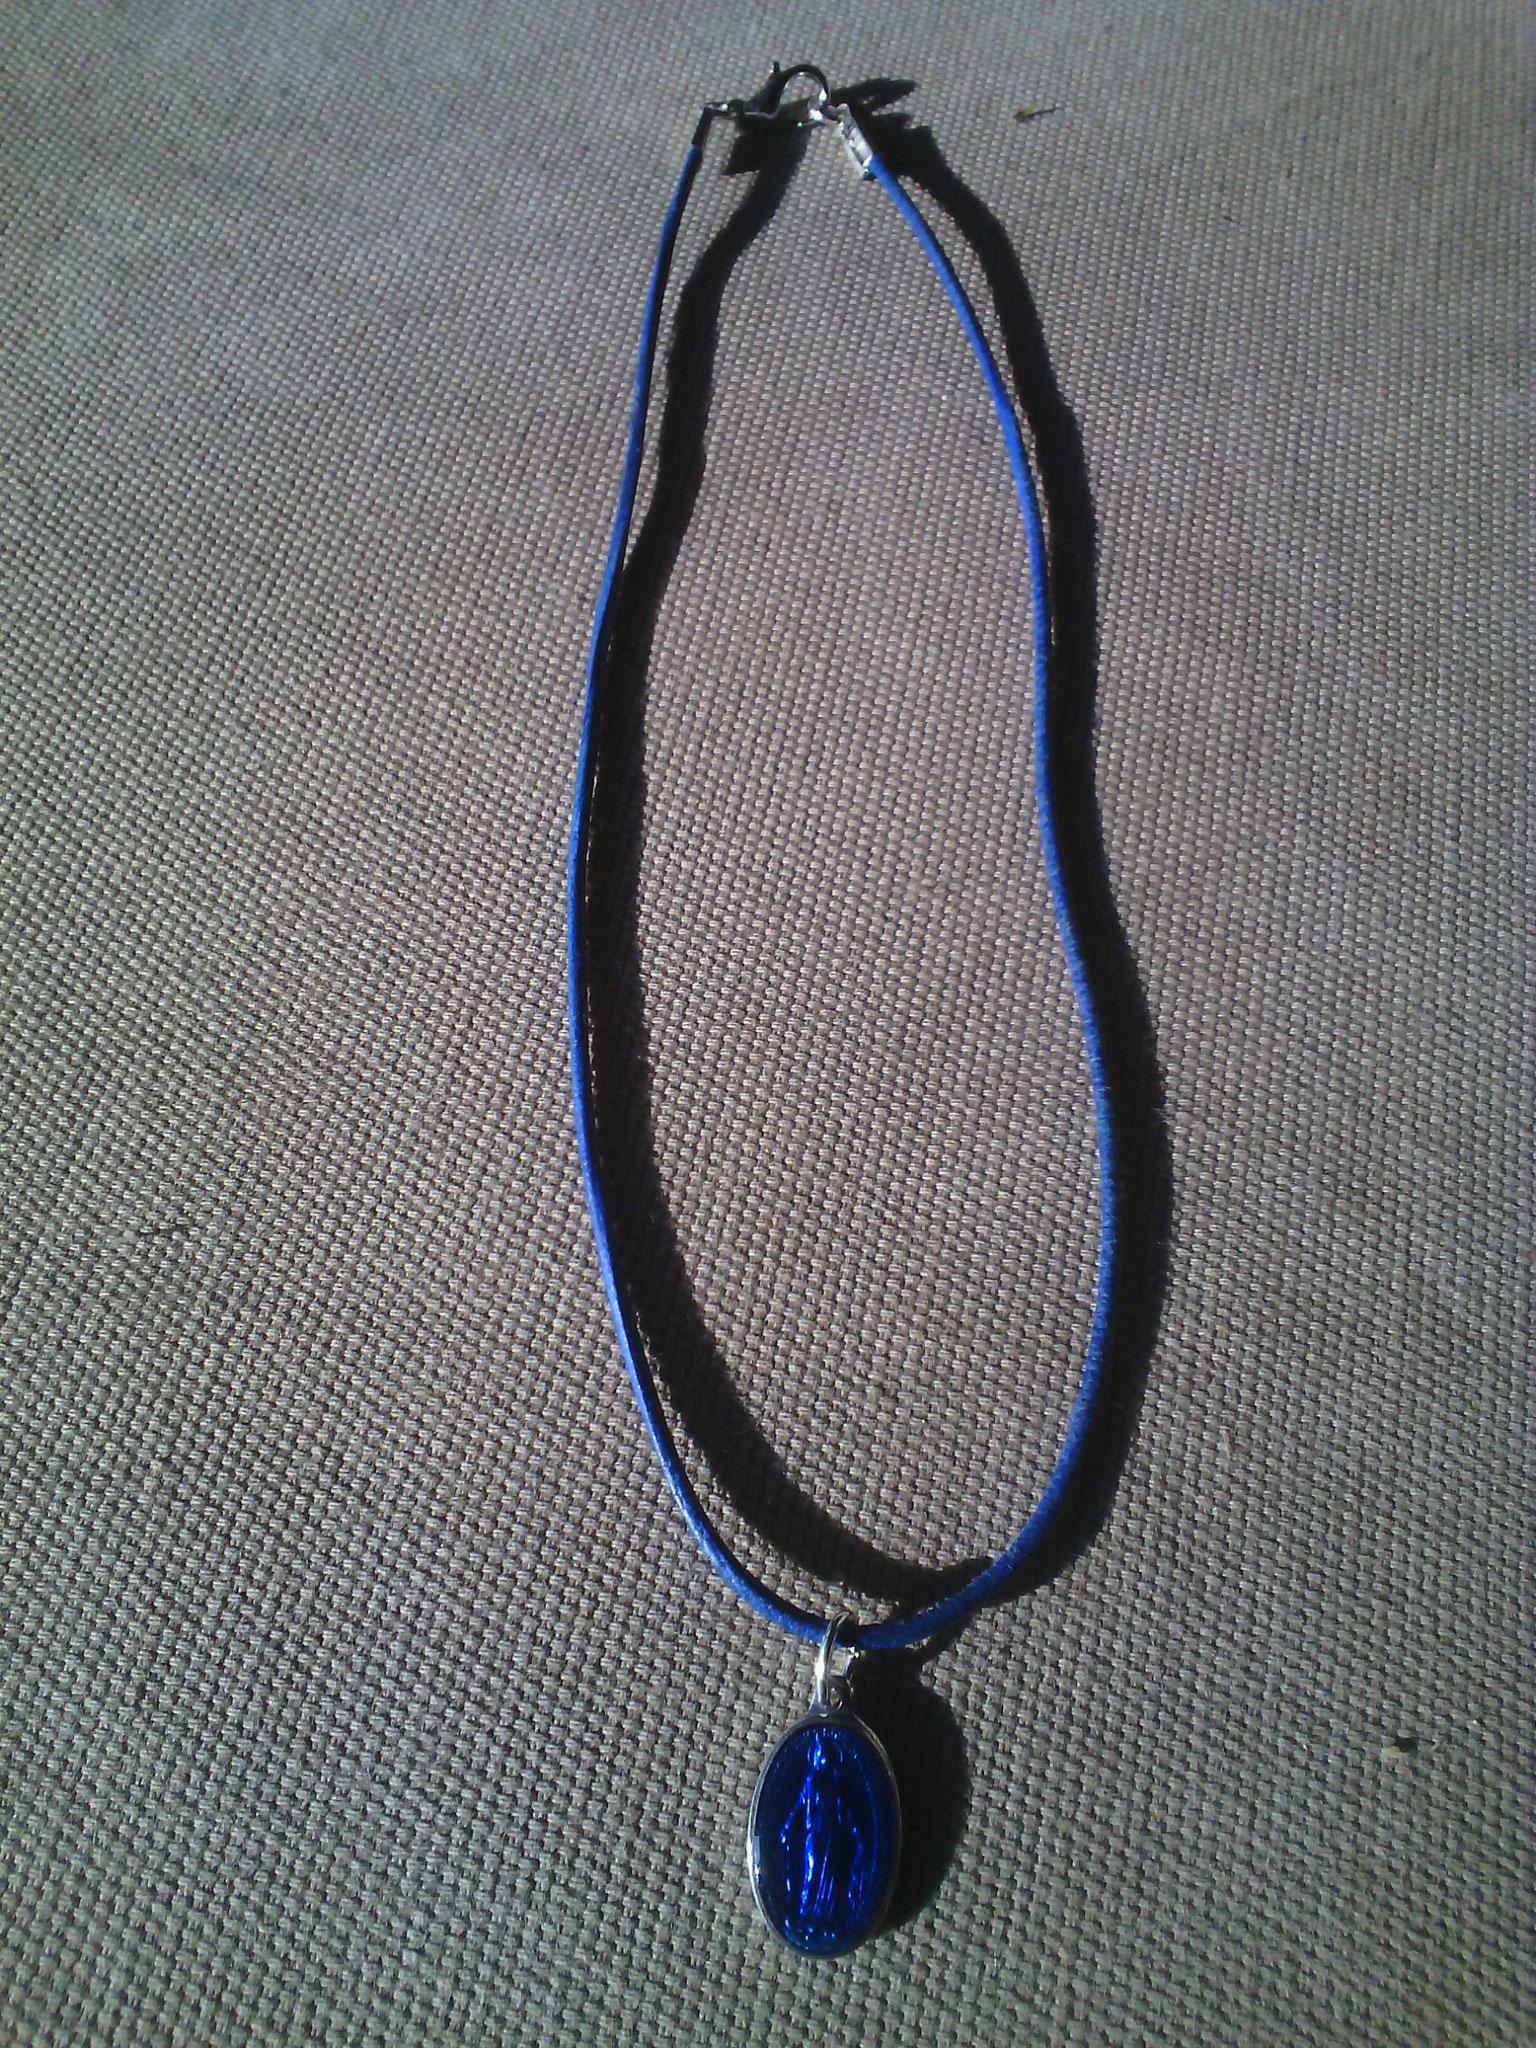 Cordon cuir bleu avec médaille miraculeuse, 8 euros